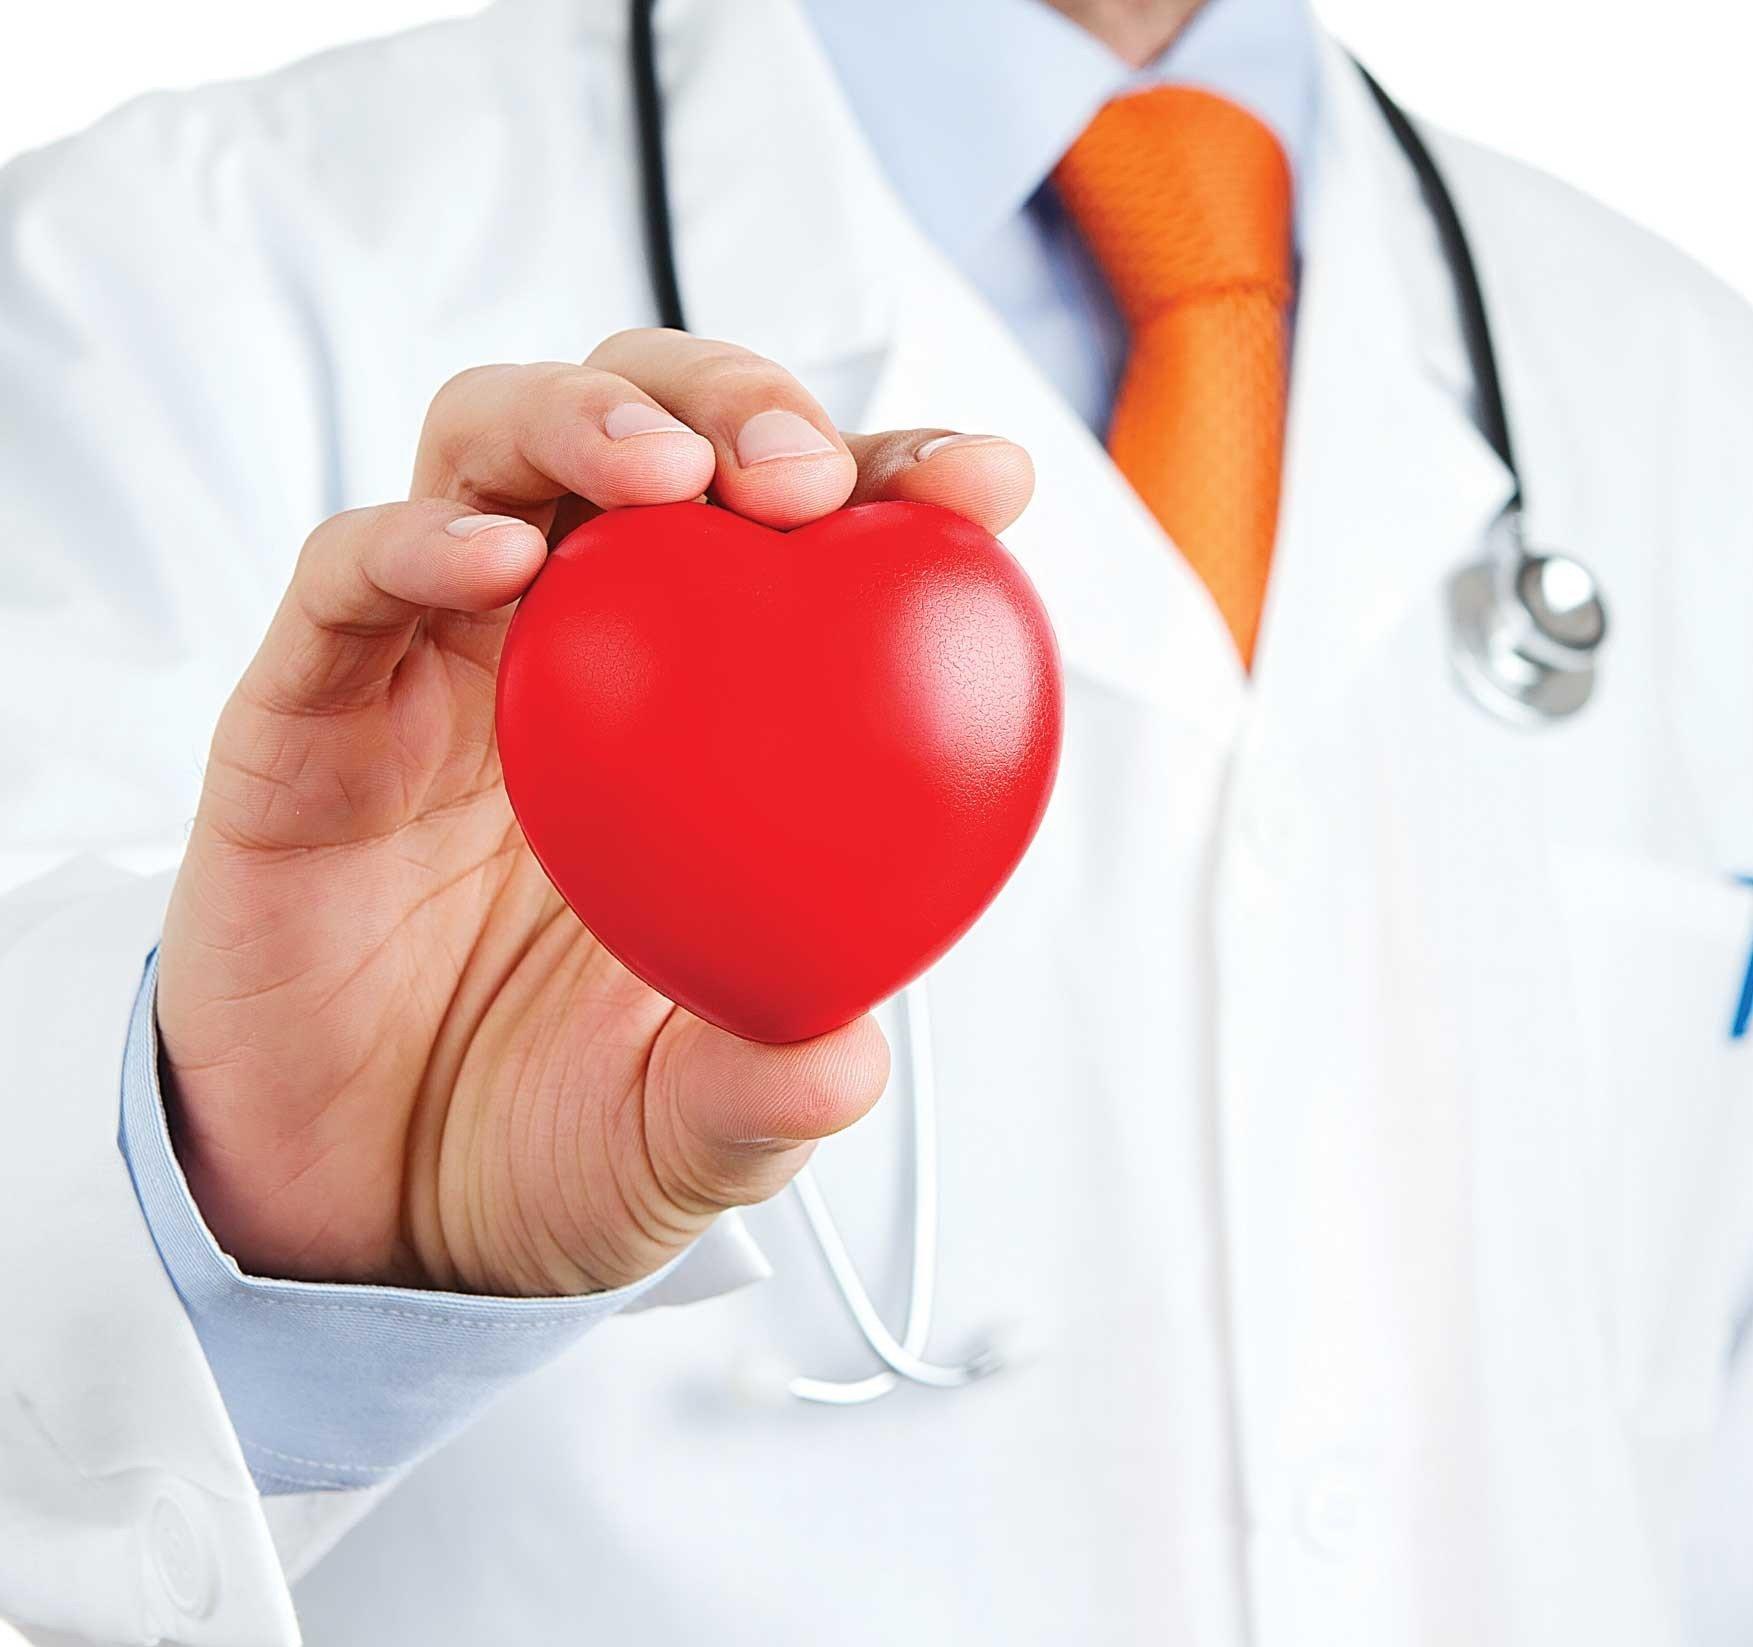 Для лечения сочетаются медикаментозные и немедикаментозные методики